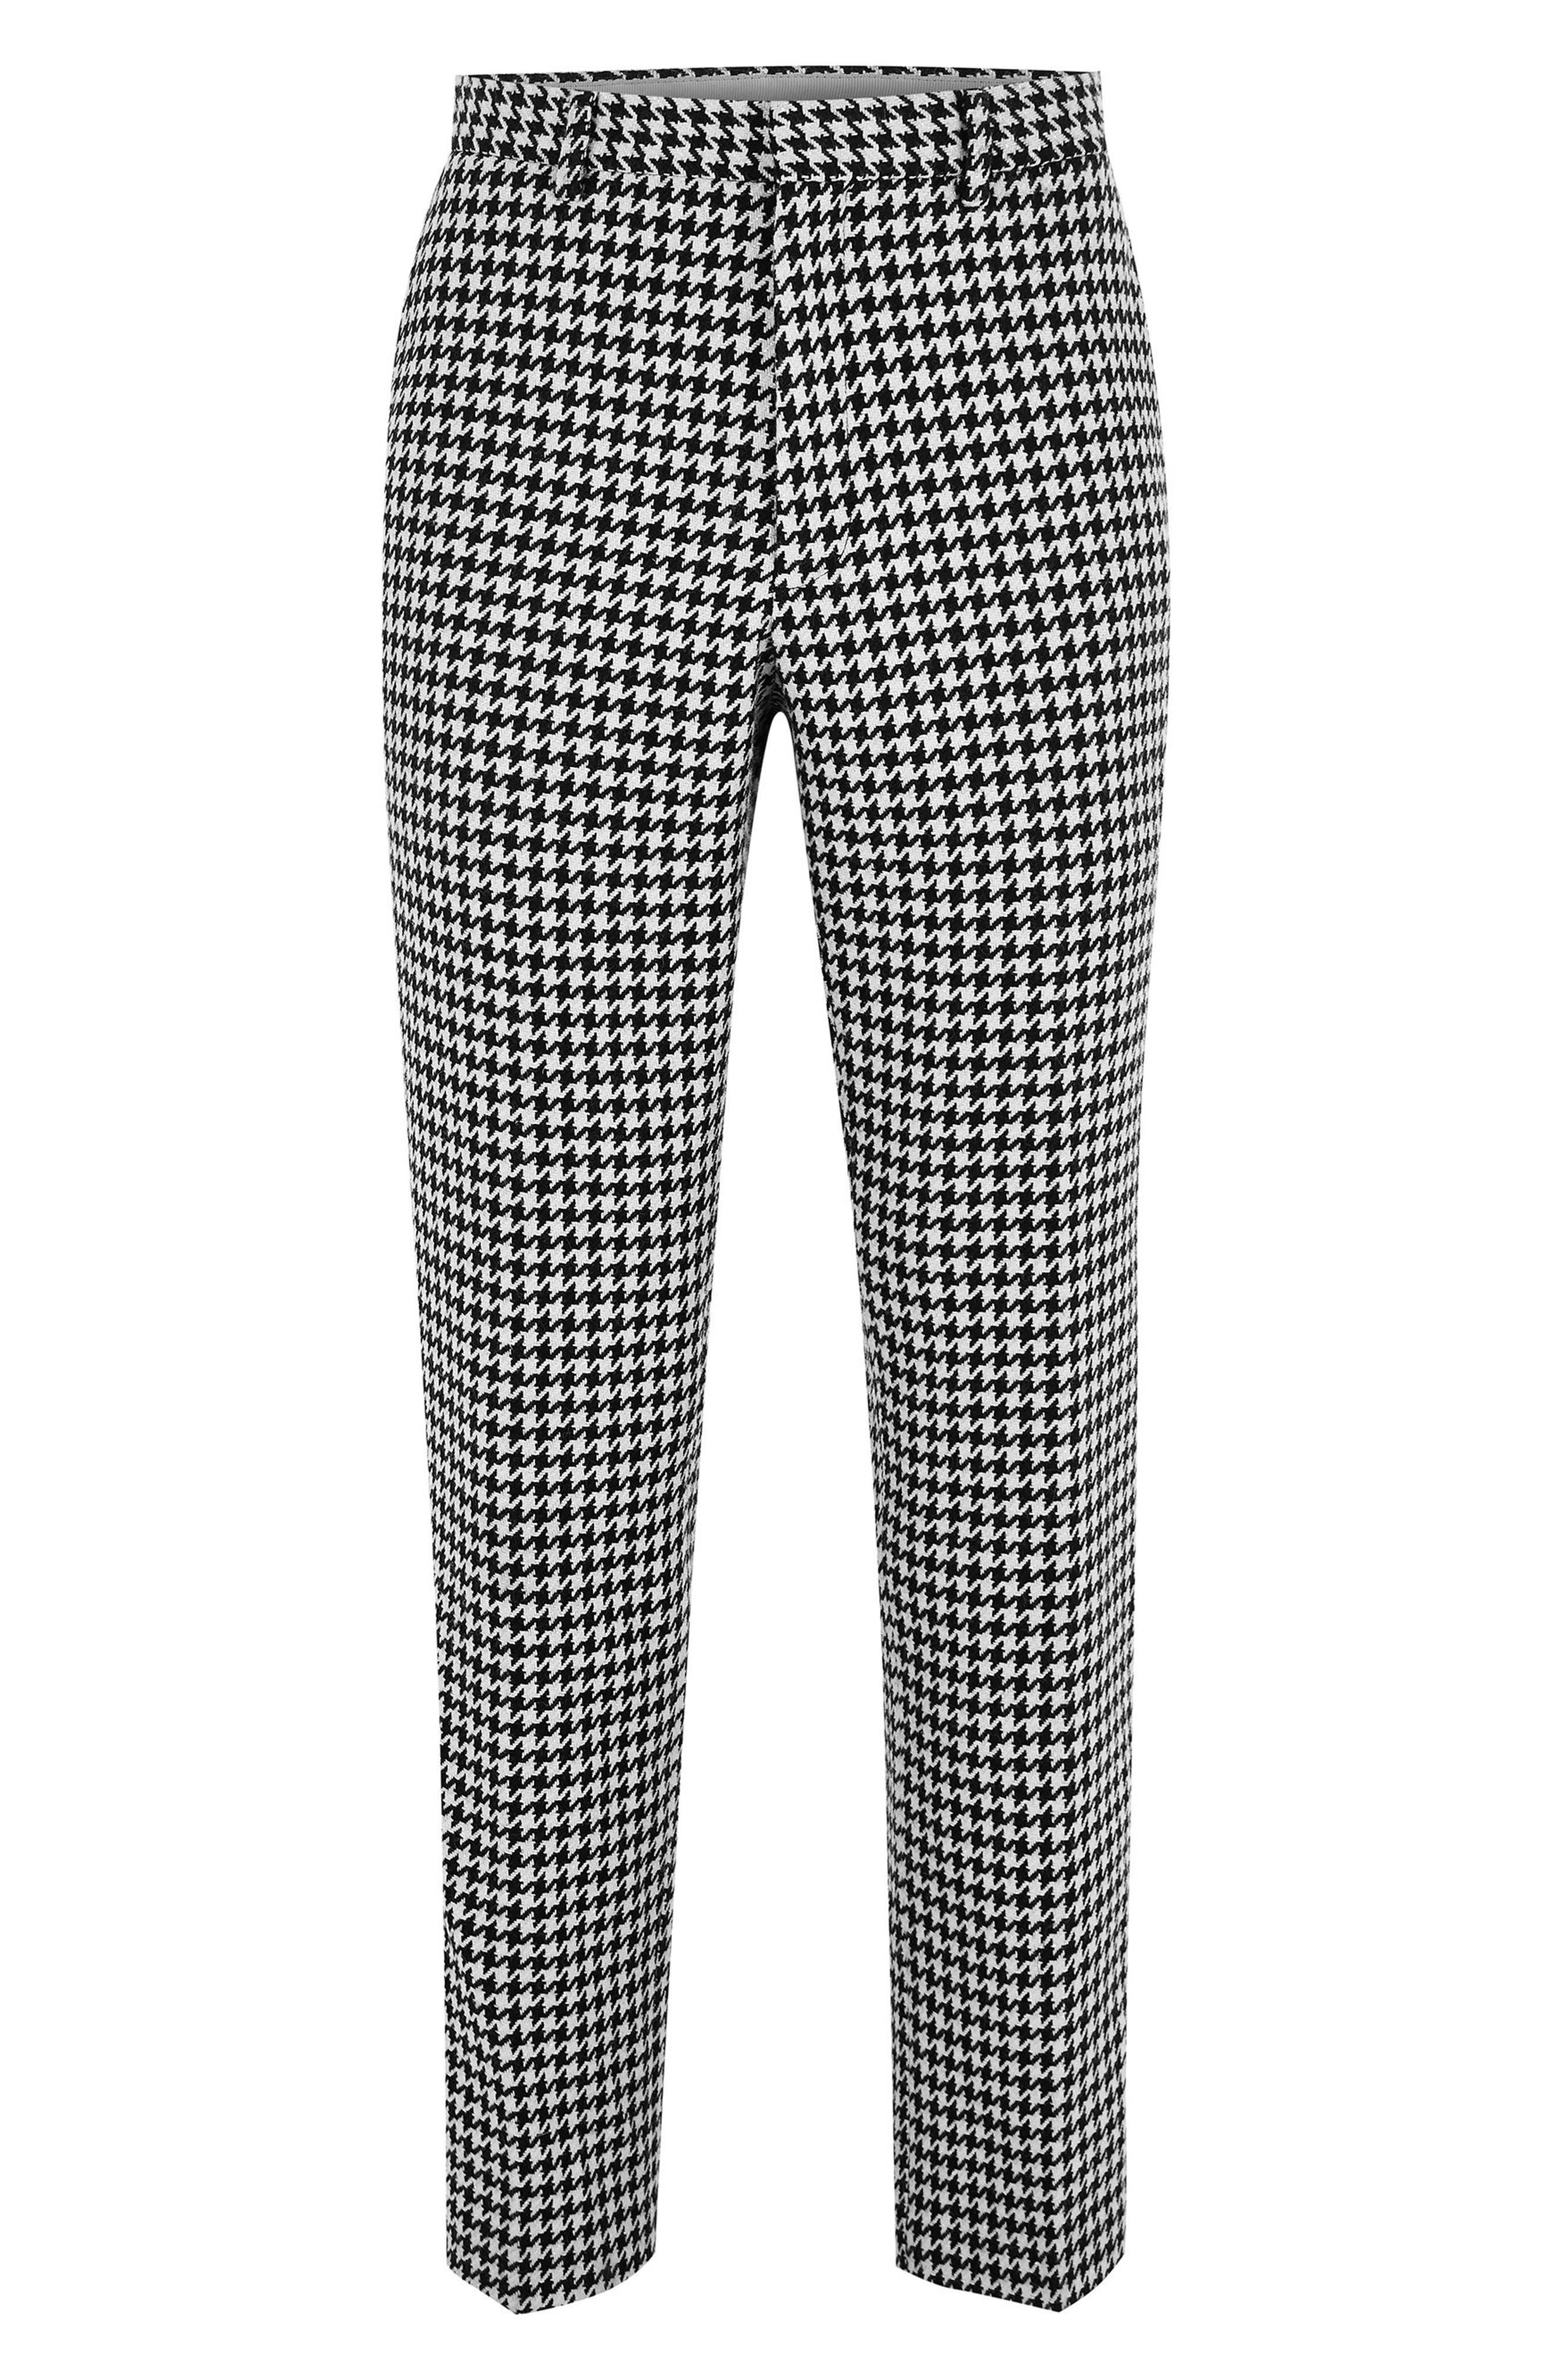 Roe Skinny Fit Trousers,                             Alternate thumbnail 3, color,                             BLACK MULTI